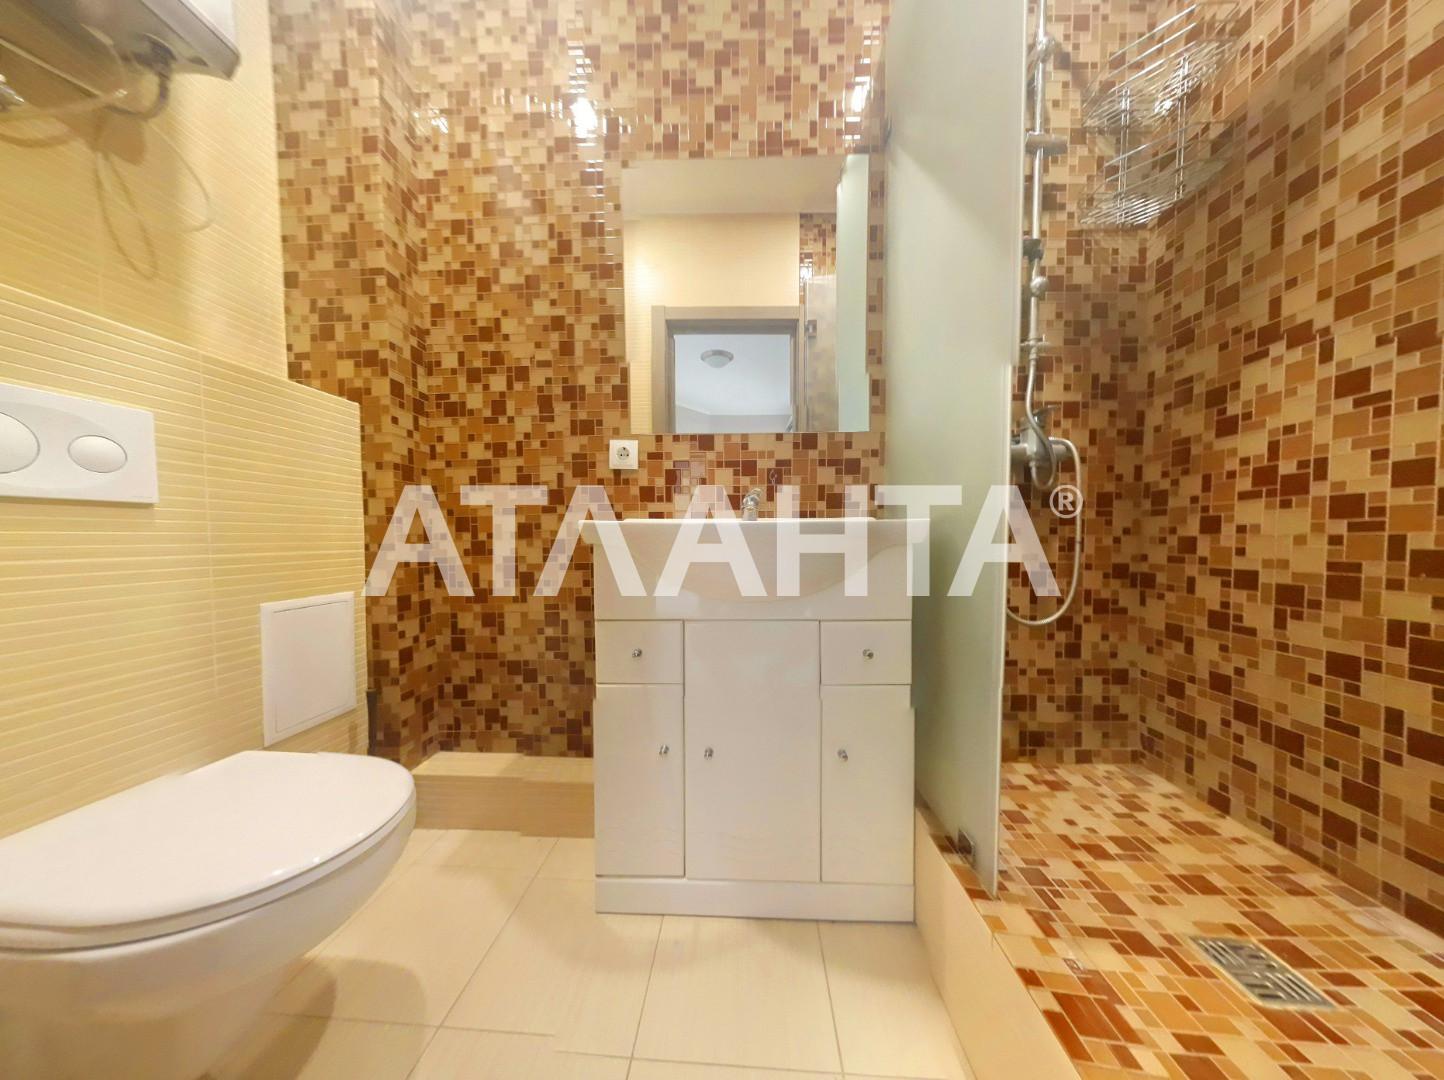 Продается 2-комнатная Квартира на ул. Ул. Вильямса — 130 000 у.е. (фото №11)